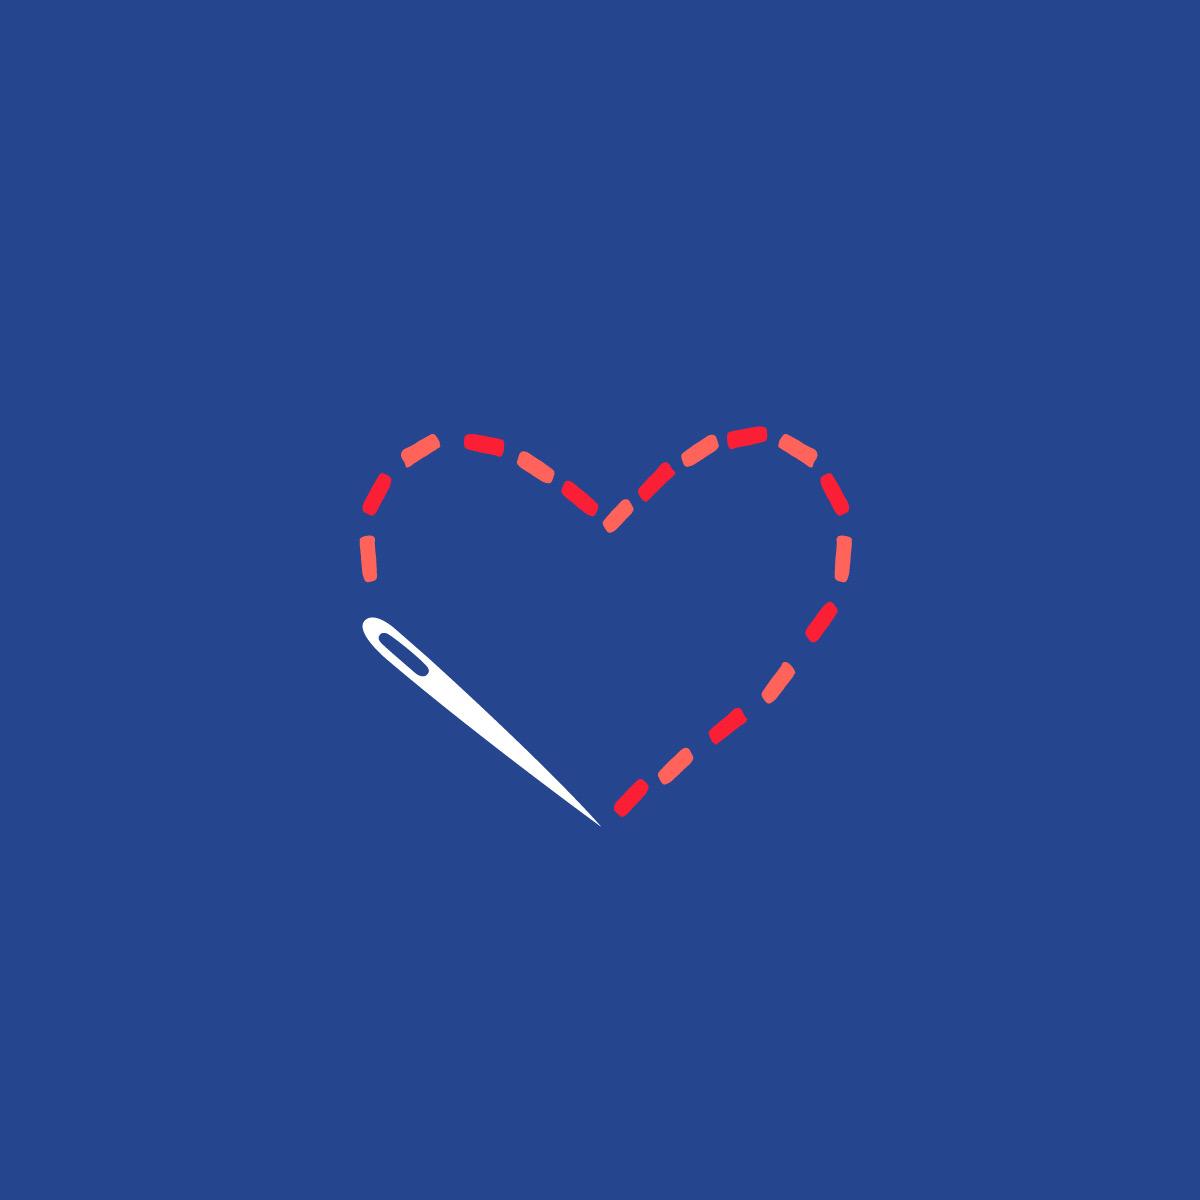 Masks of Love WNC Brand Icon identity iconography submark needle logo sew sewing heart mask medical masks asheville